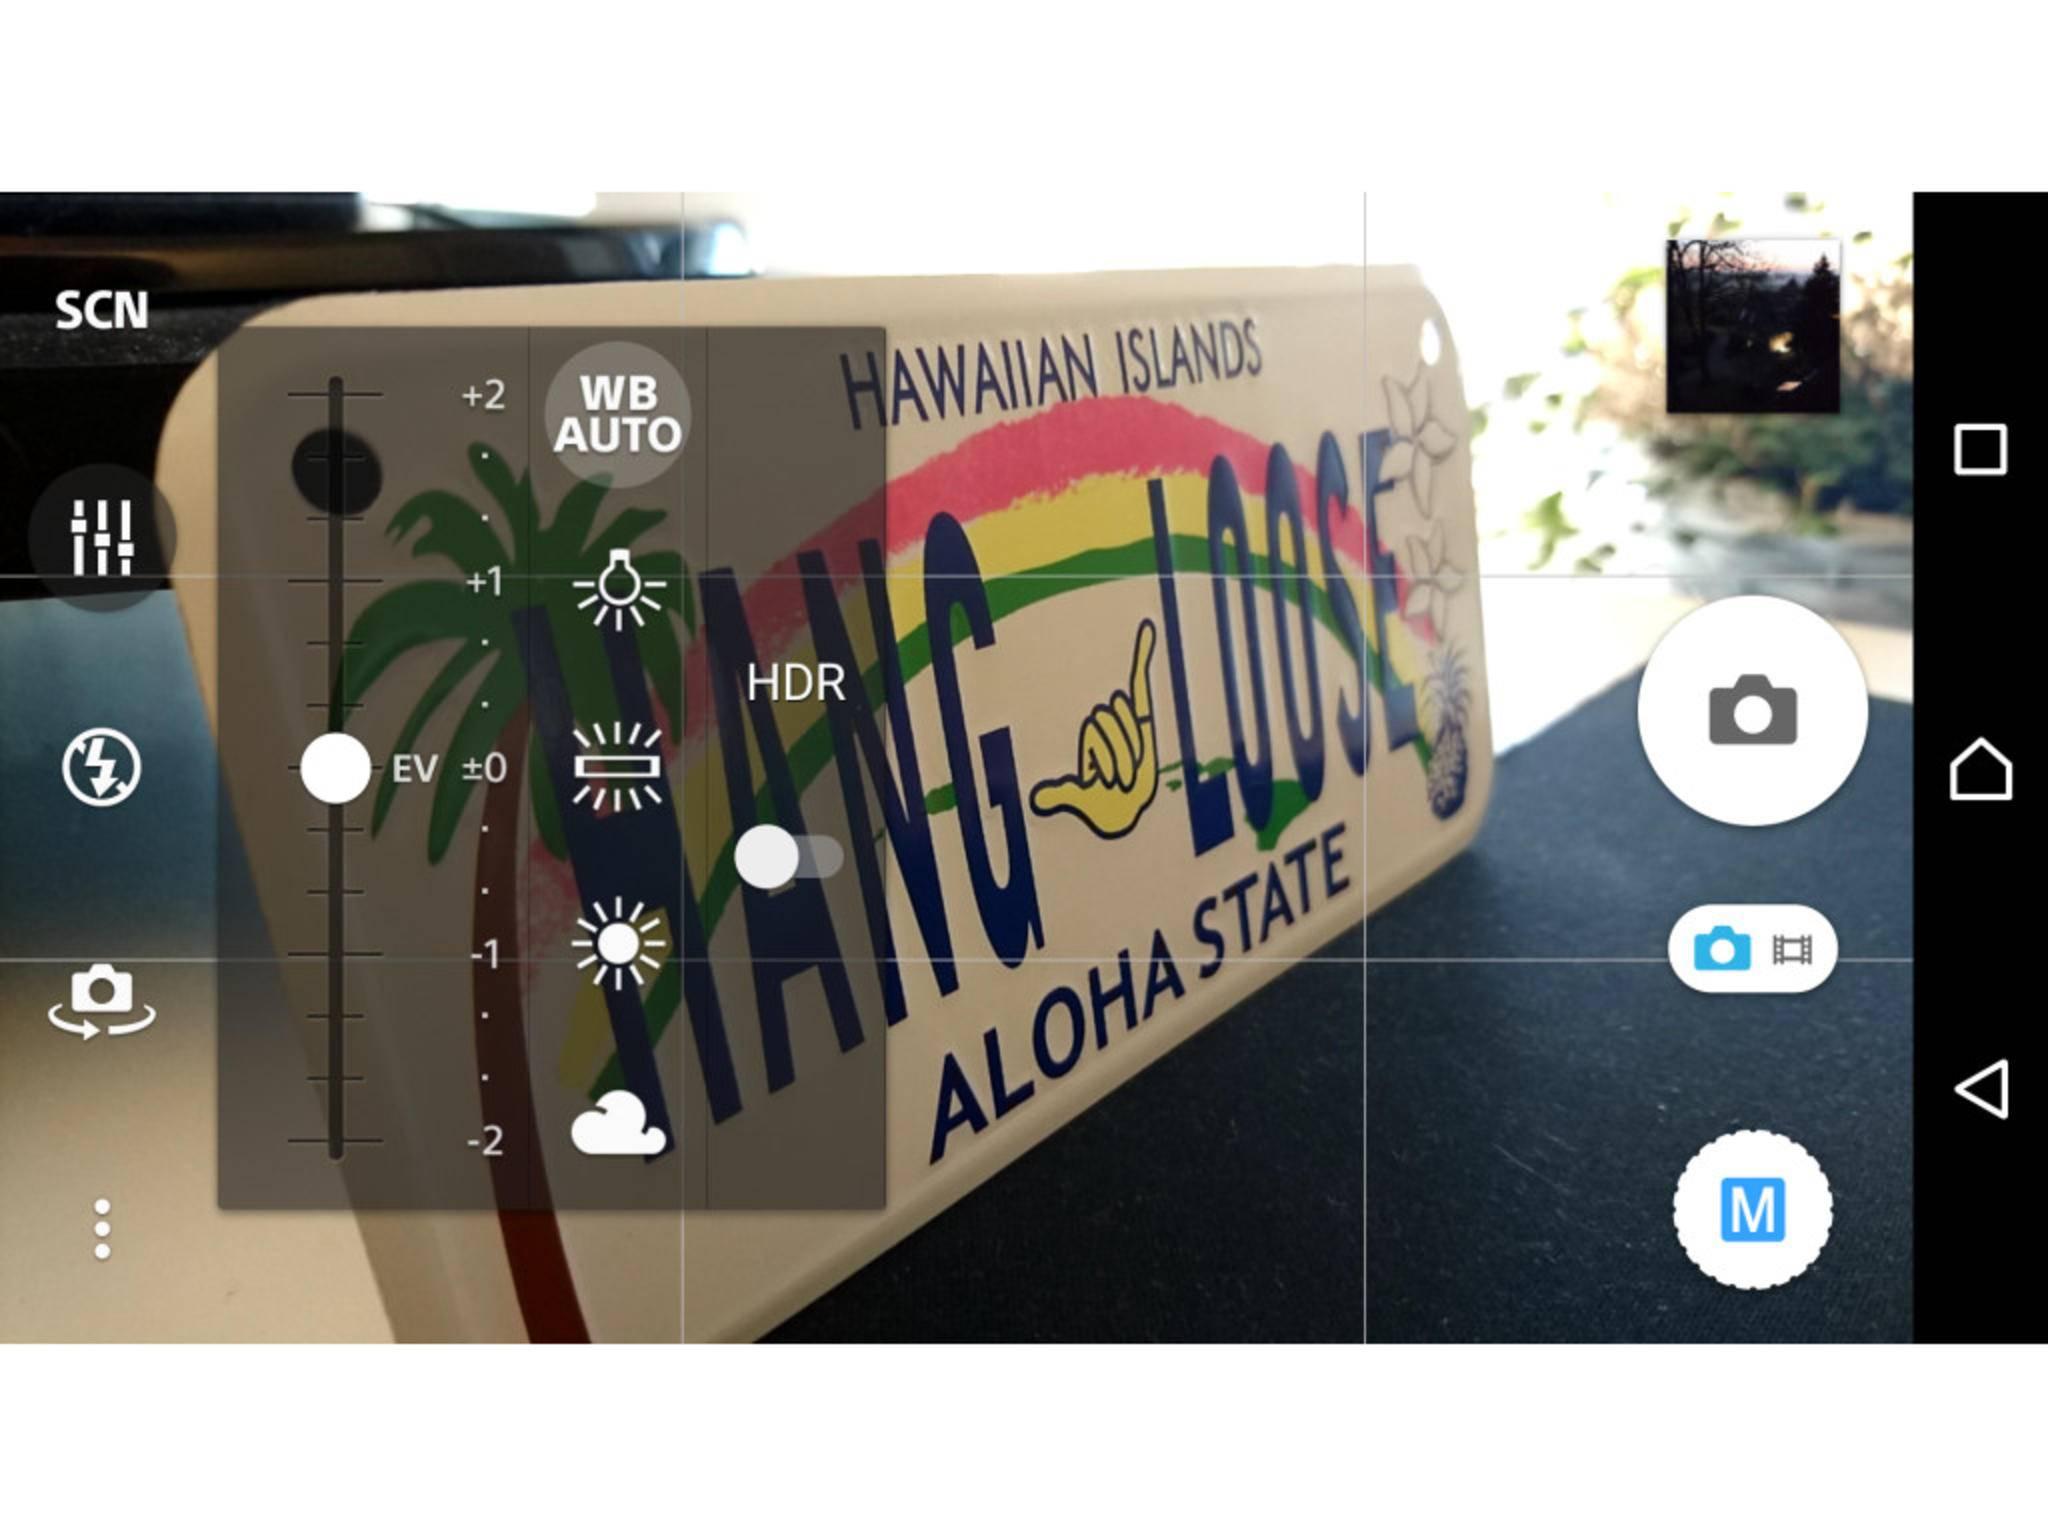 Der manuelle Modus lässt Dich erweiterte Kameraeinstellungen vornehmen.